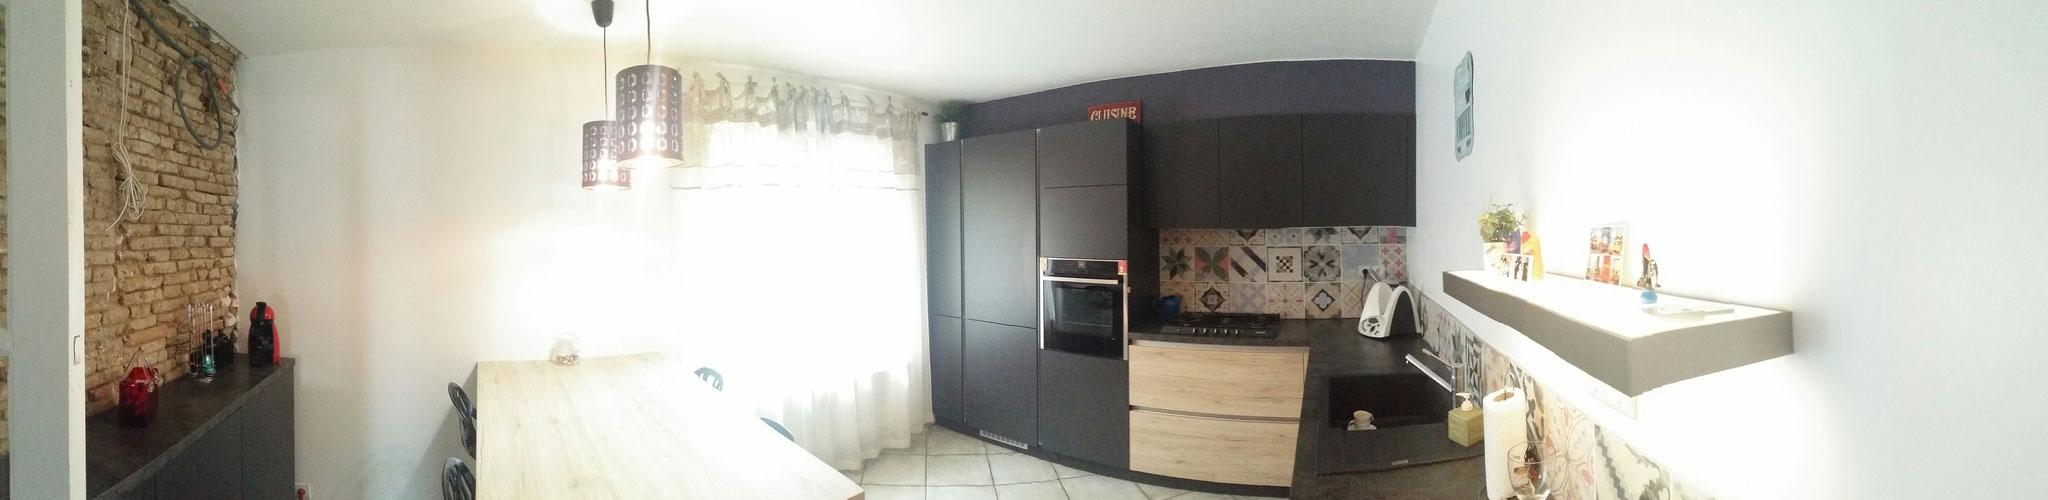 vue panoramique de la cuisine par cuisine design Toulouse